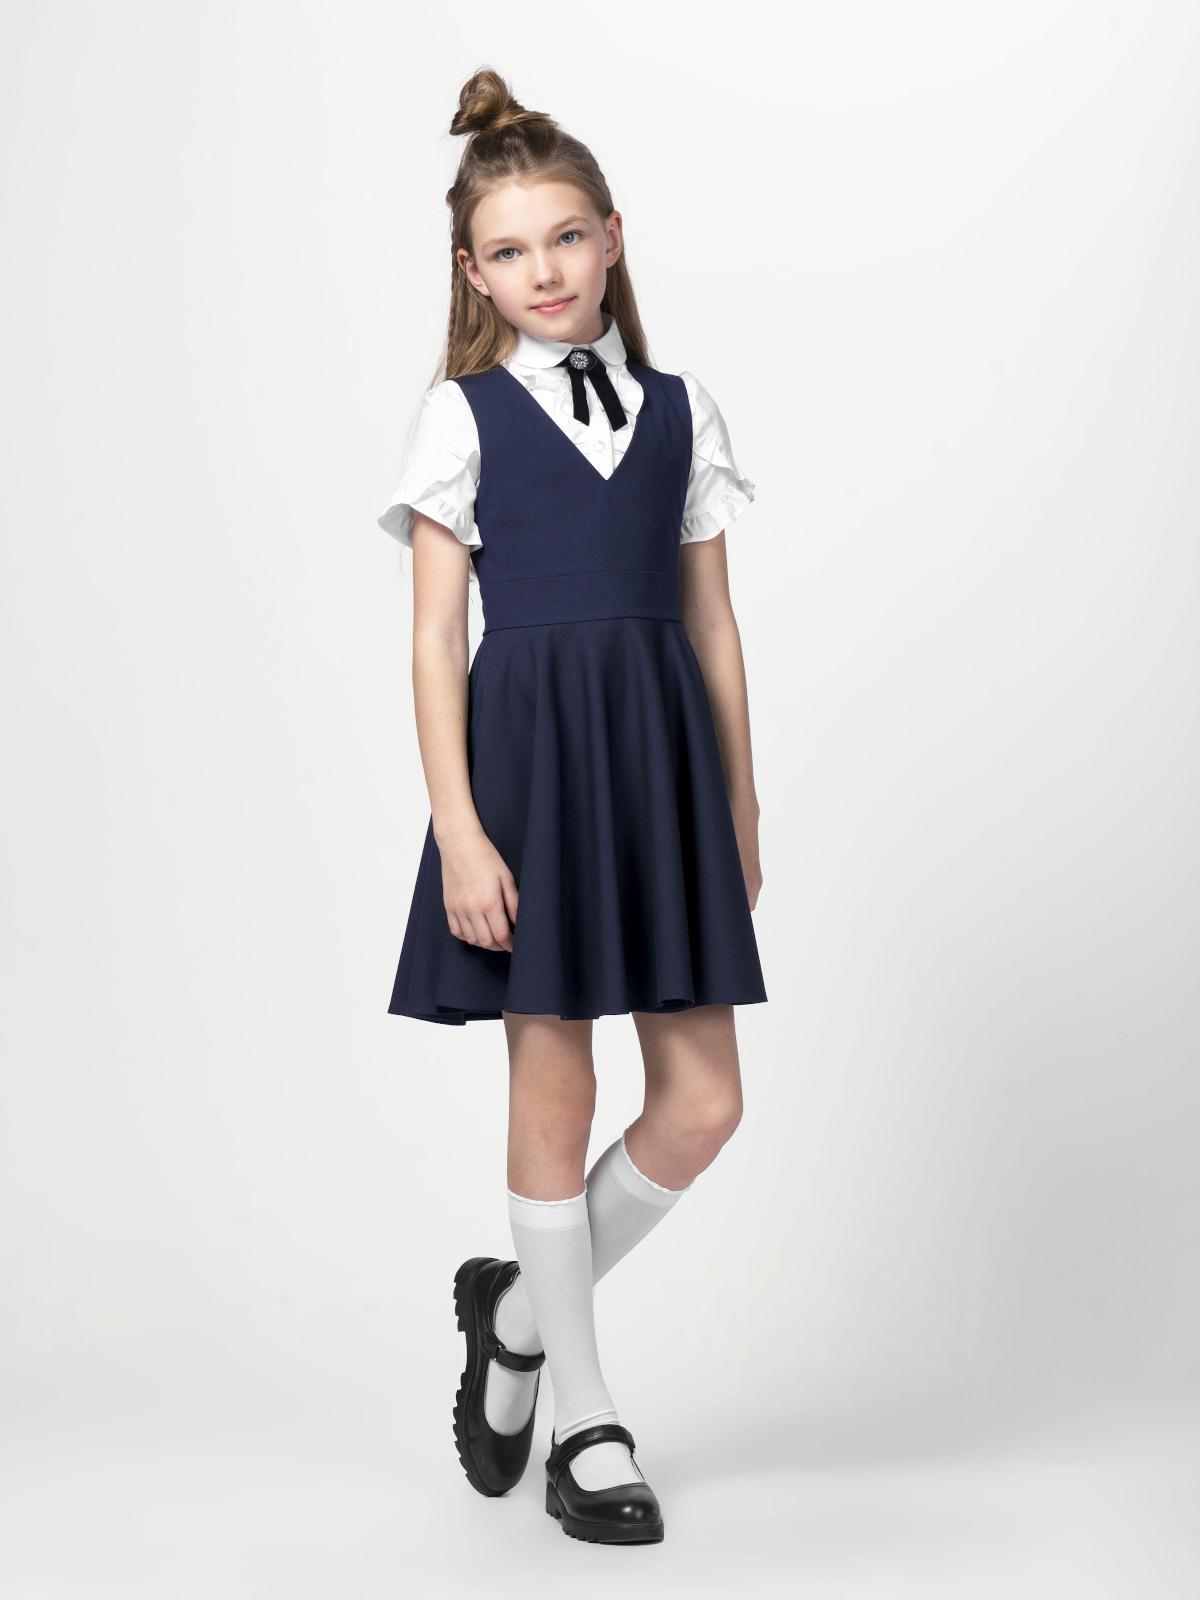 Купить 10652_plus size, Сарафан для девочек СМЕНА цв.темно-синий 10652 р.134/68, Смена, Сарафаны для девочек